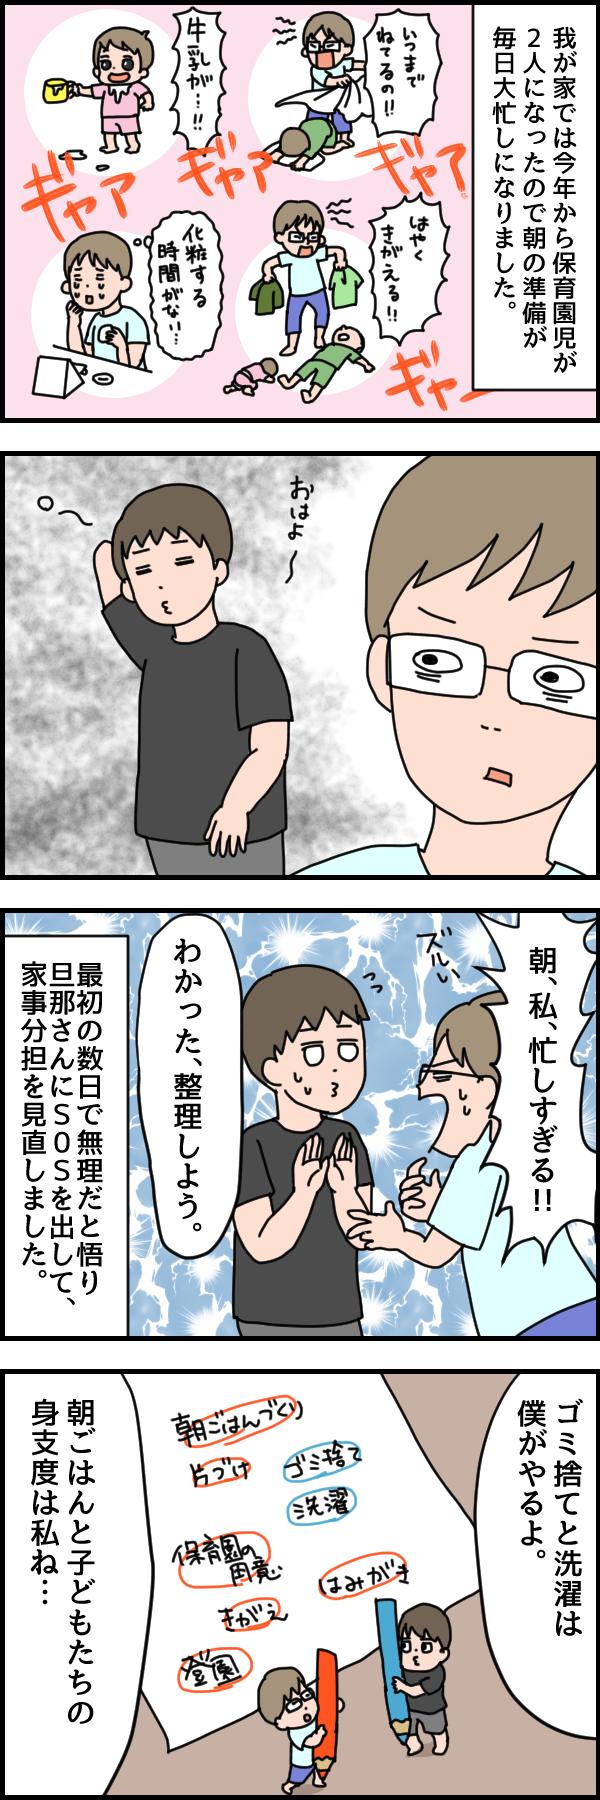 """パパ奮闘特集!ようこそ、名もなき家事が""""視える""""側へ…今週のおすすめ記事!の画像1"""